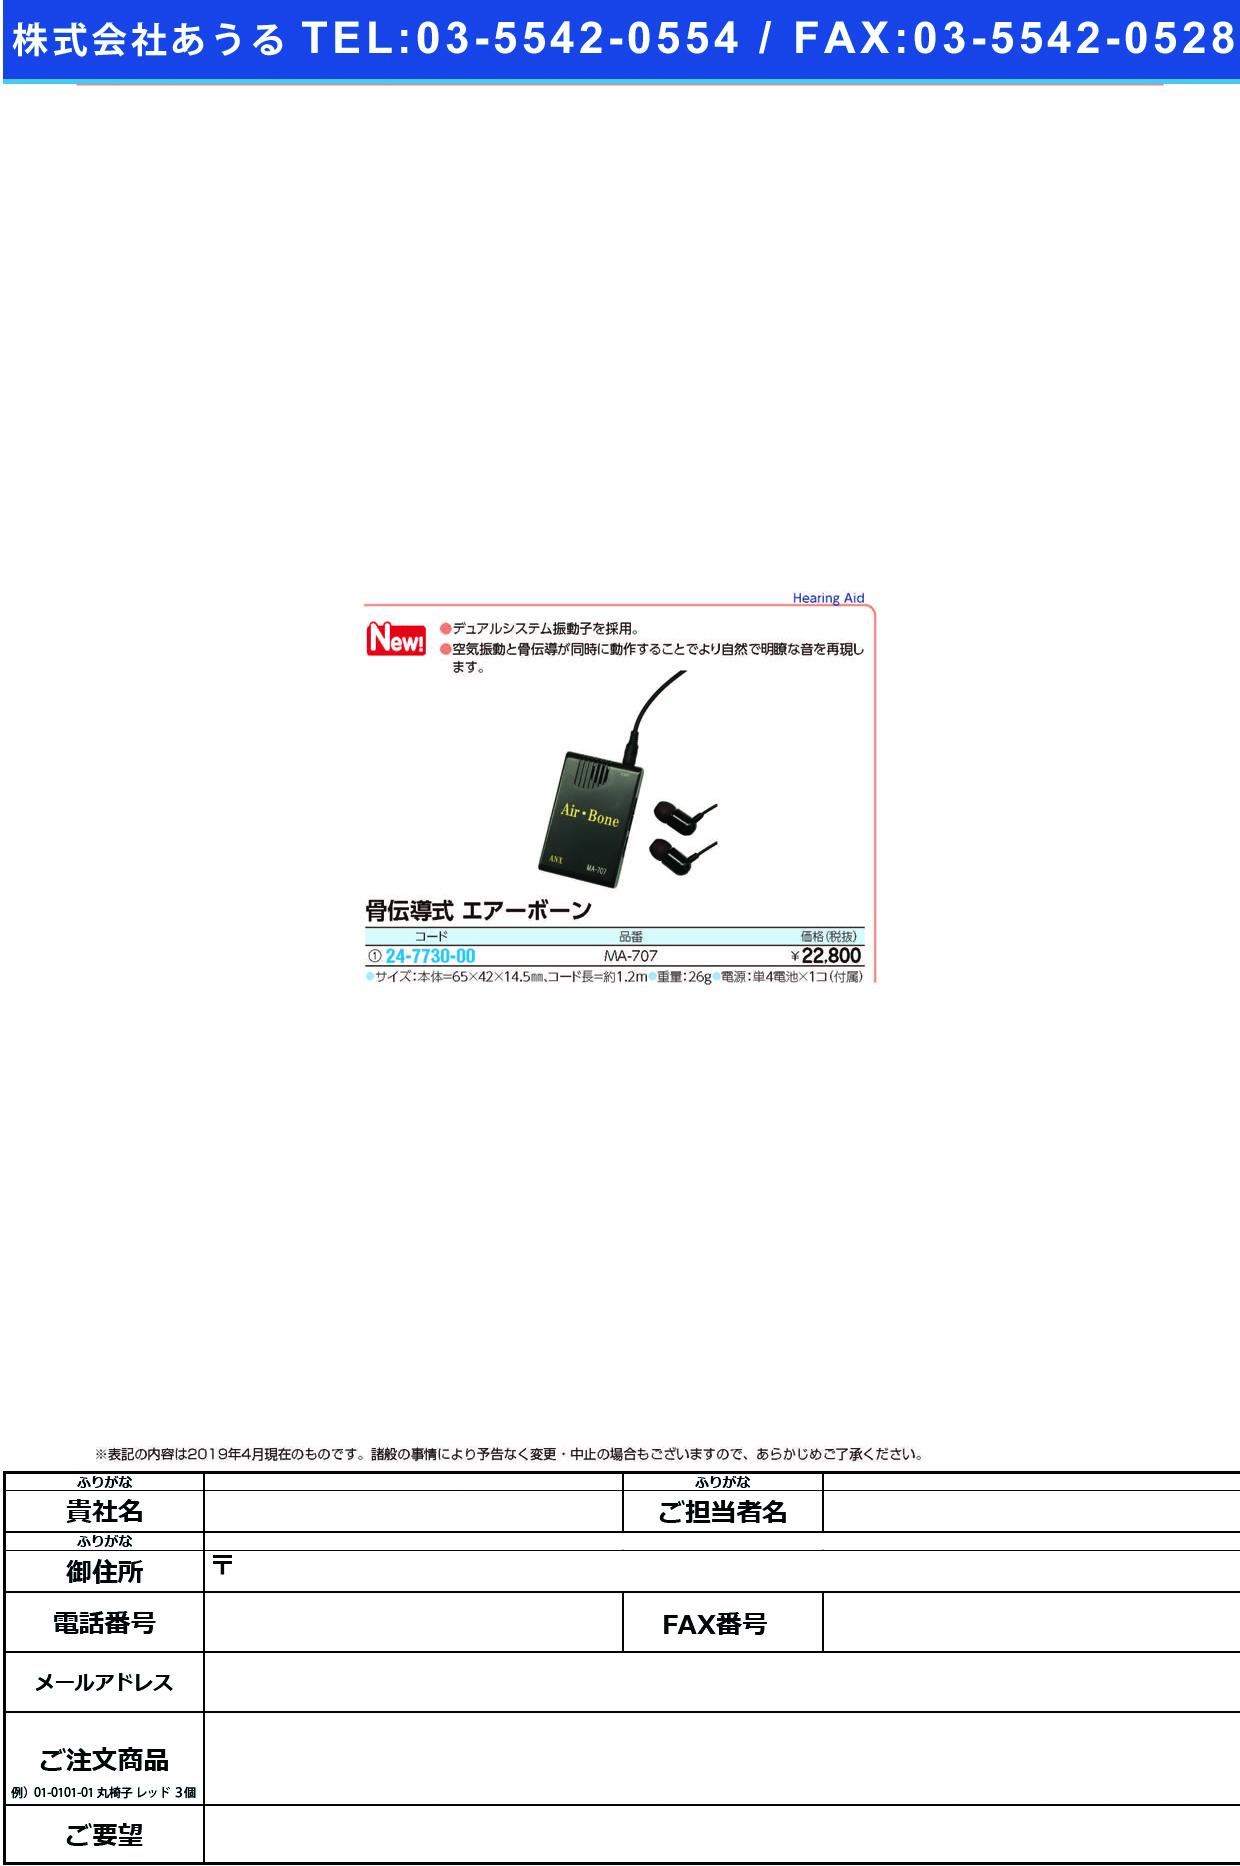 (24-7730-00)骨伝導式 エアーボーンMA-707 コツデンドウシキエアーボーン(アネックス)【1台単位】【2019年カタログ商品】